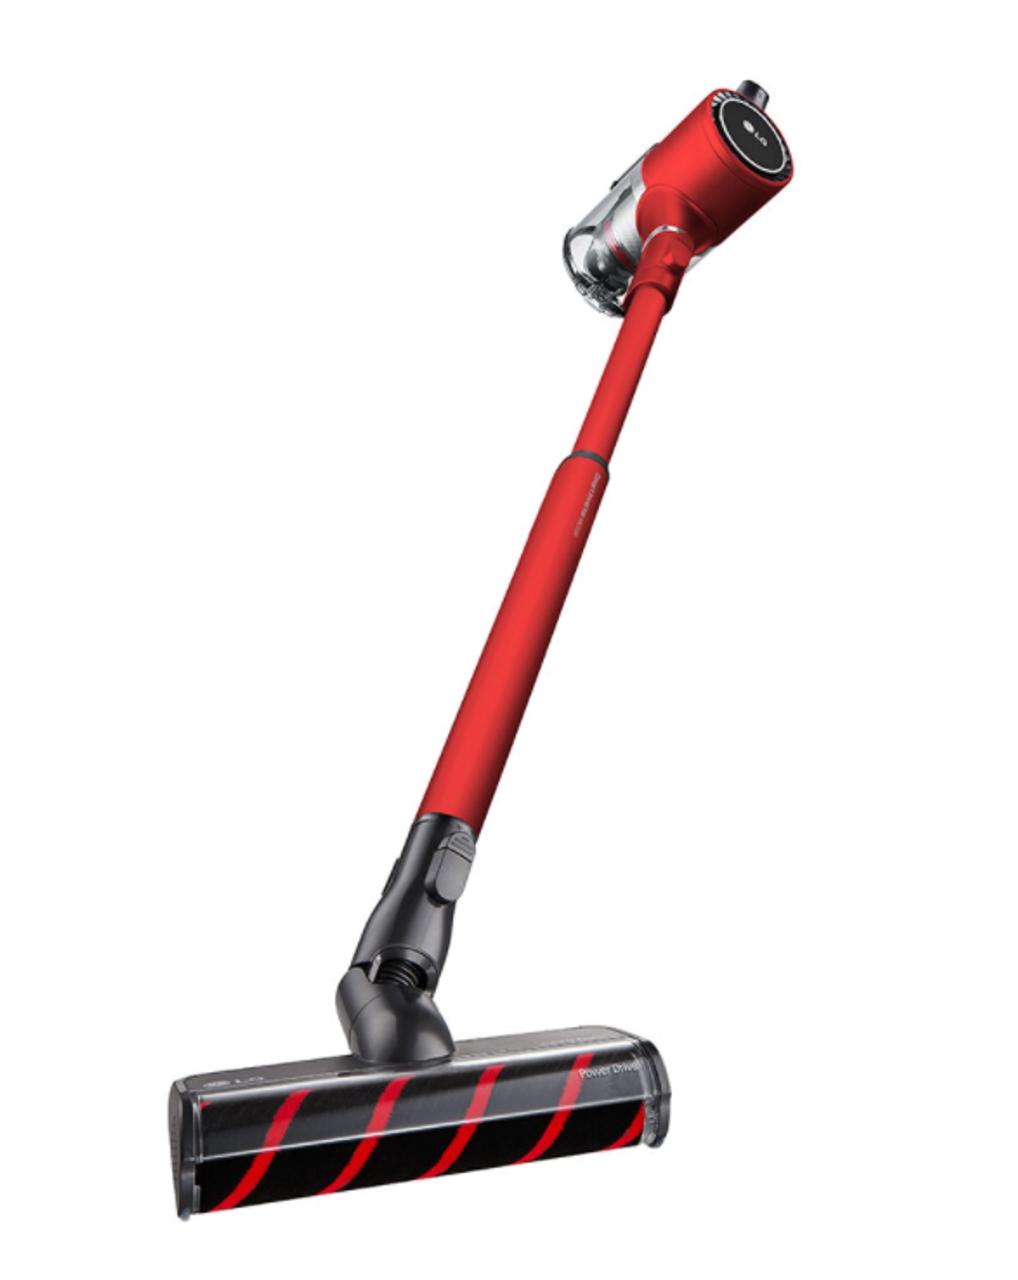 LG A9N-MULTI CordZero Multi Handstick Cordless Vacuum Cleaner - Red